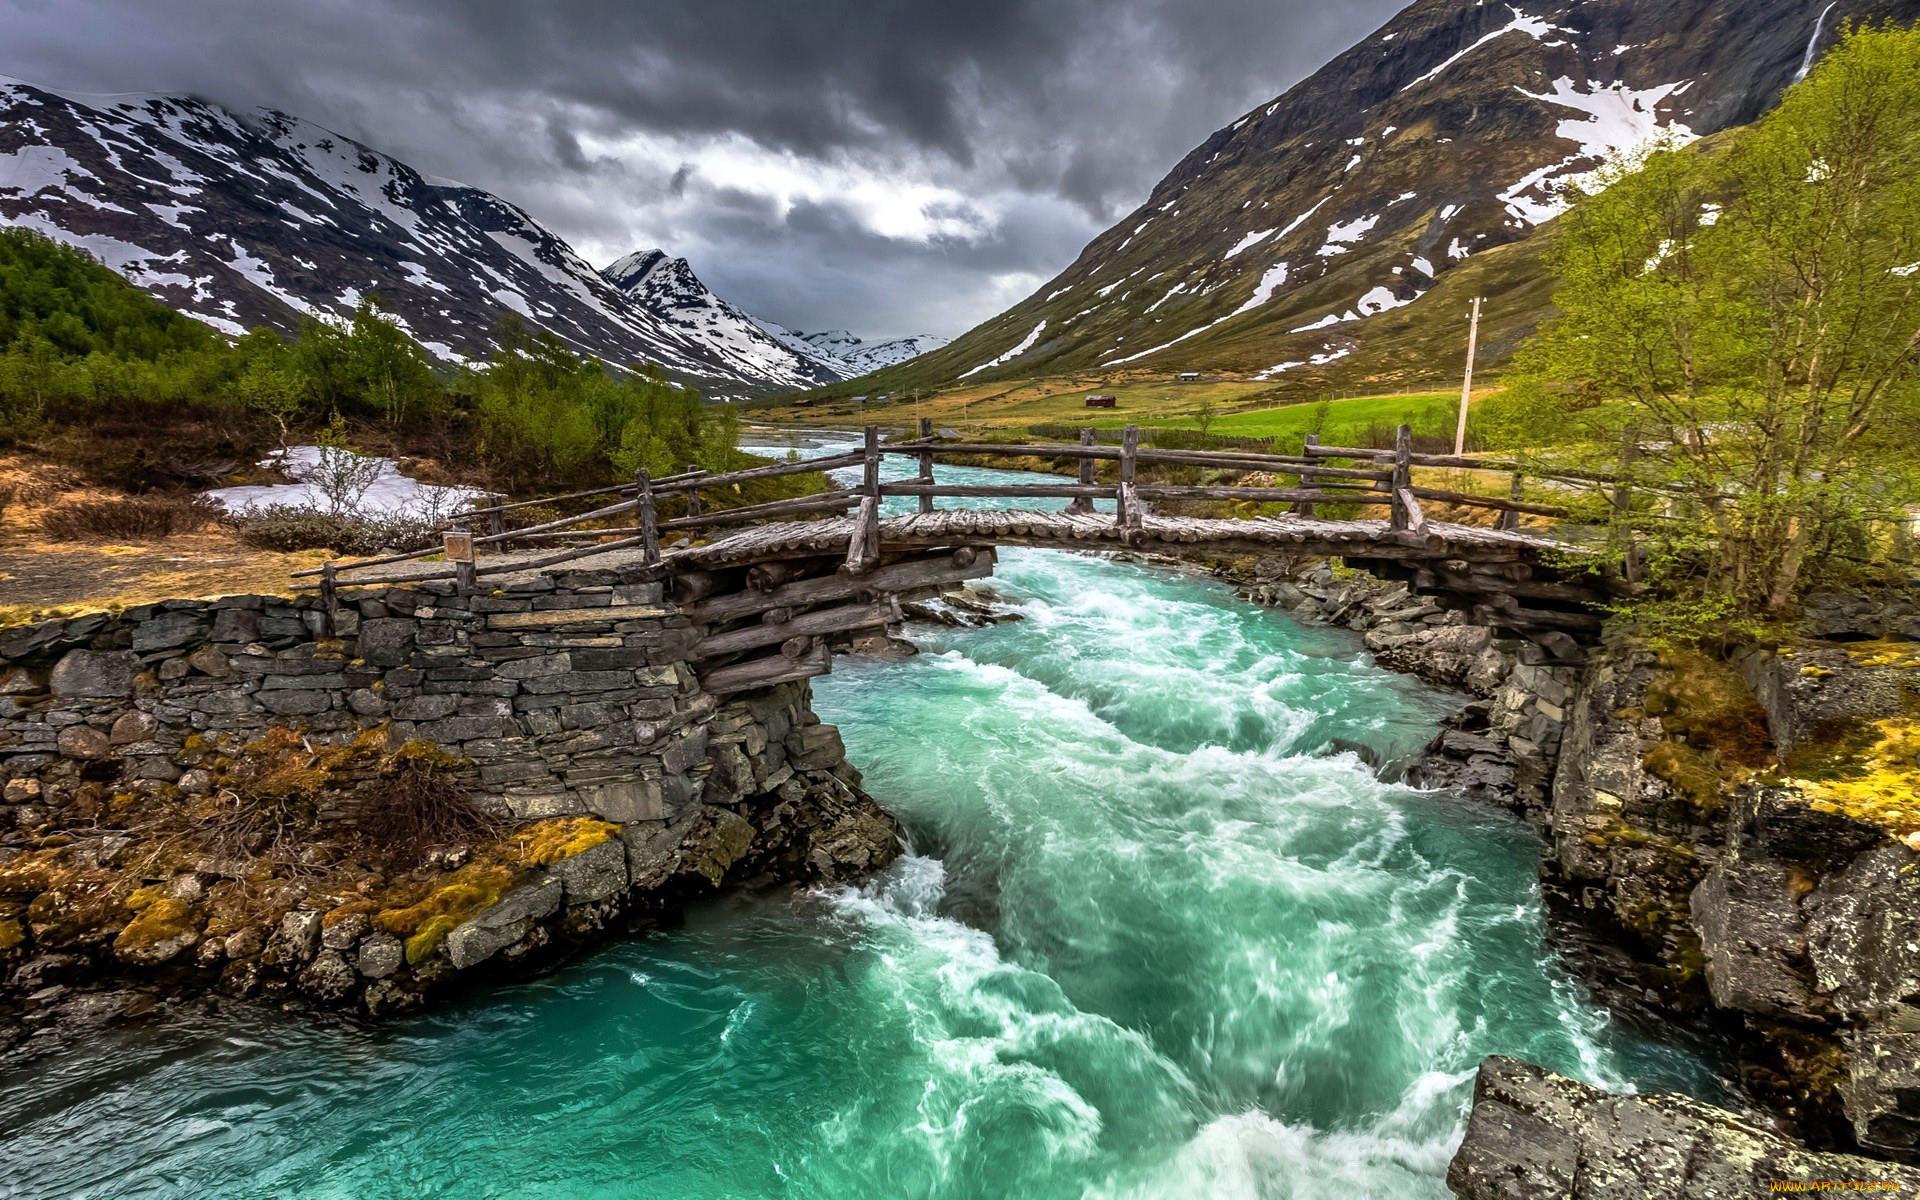 природа, реки, озера, бурный, поток, снег, мостик, река, горы